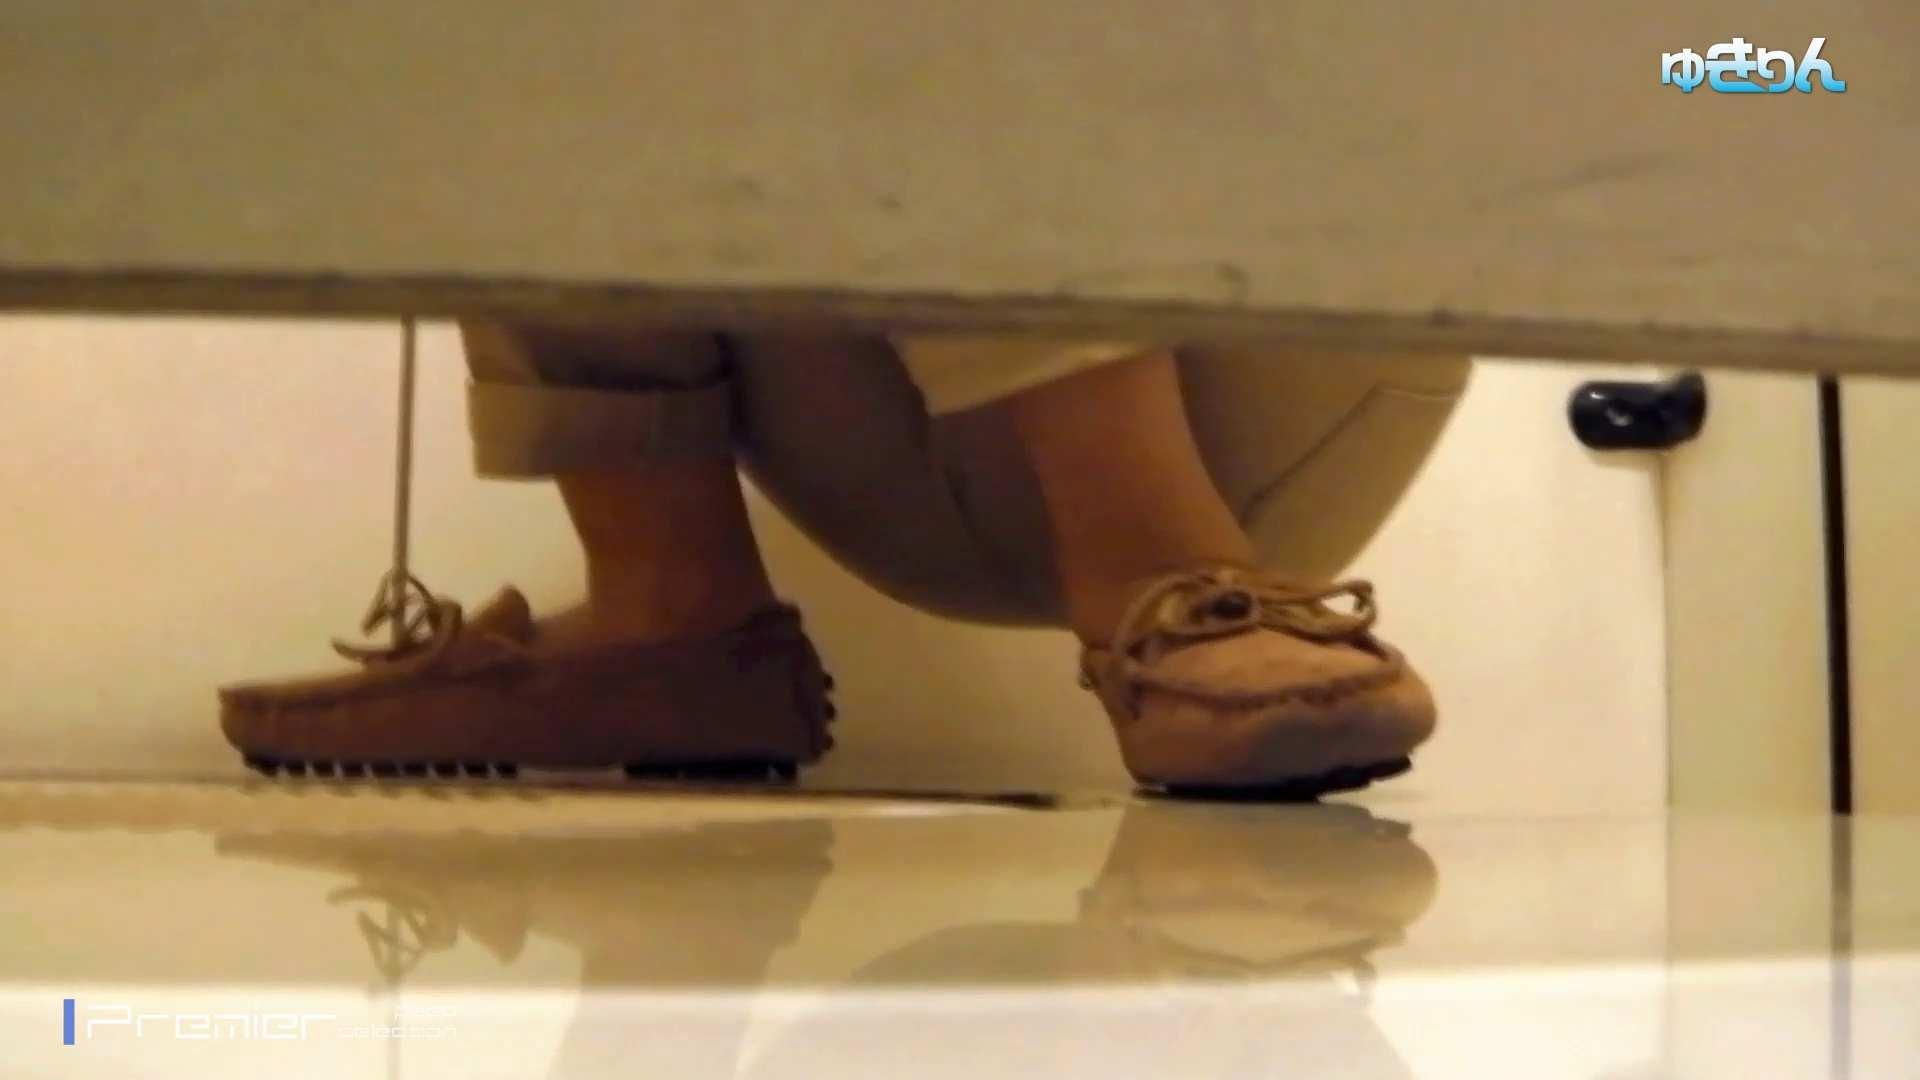 新世界の射窓 No89 あの有名のショーに出ているモデルが偶然に利用するという 洗面所 | 0  113画像 109